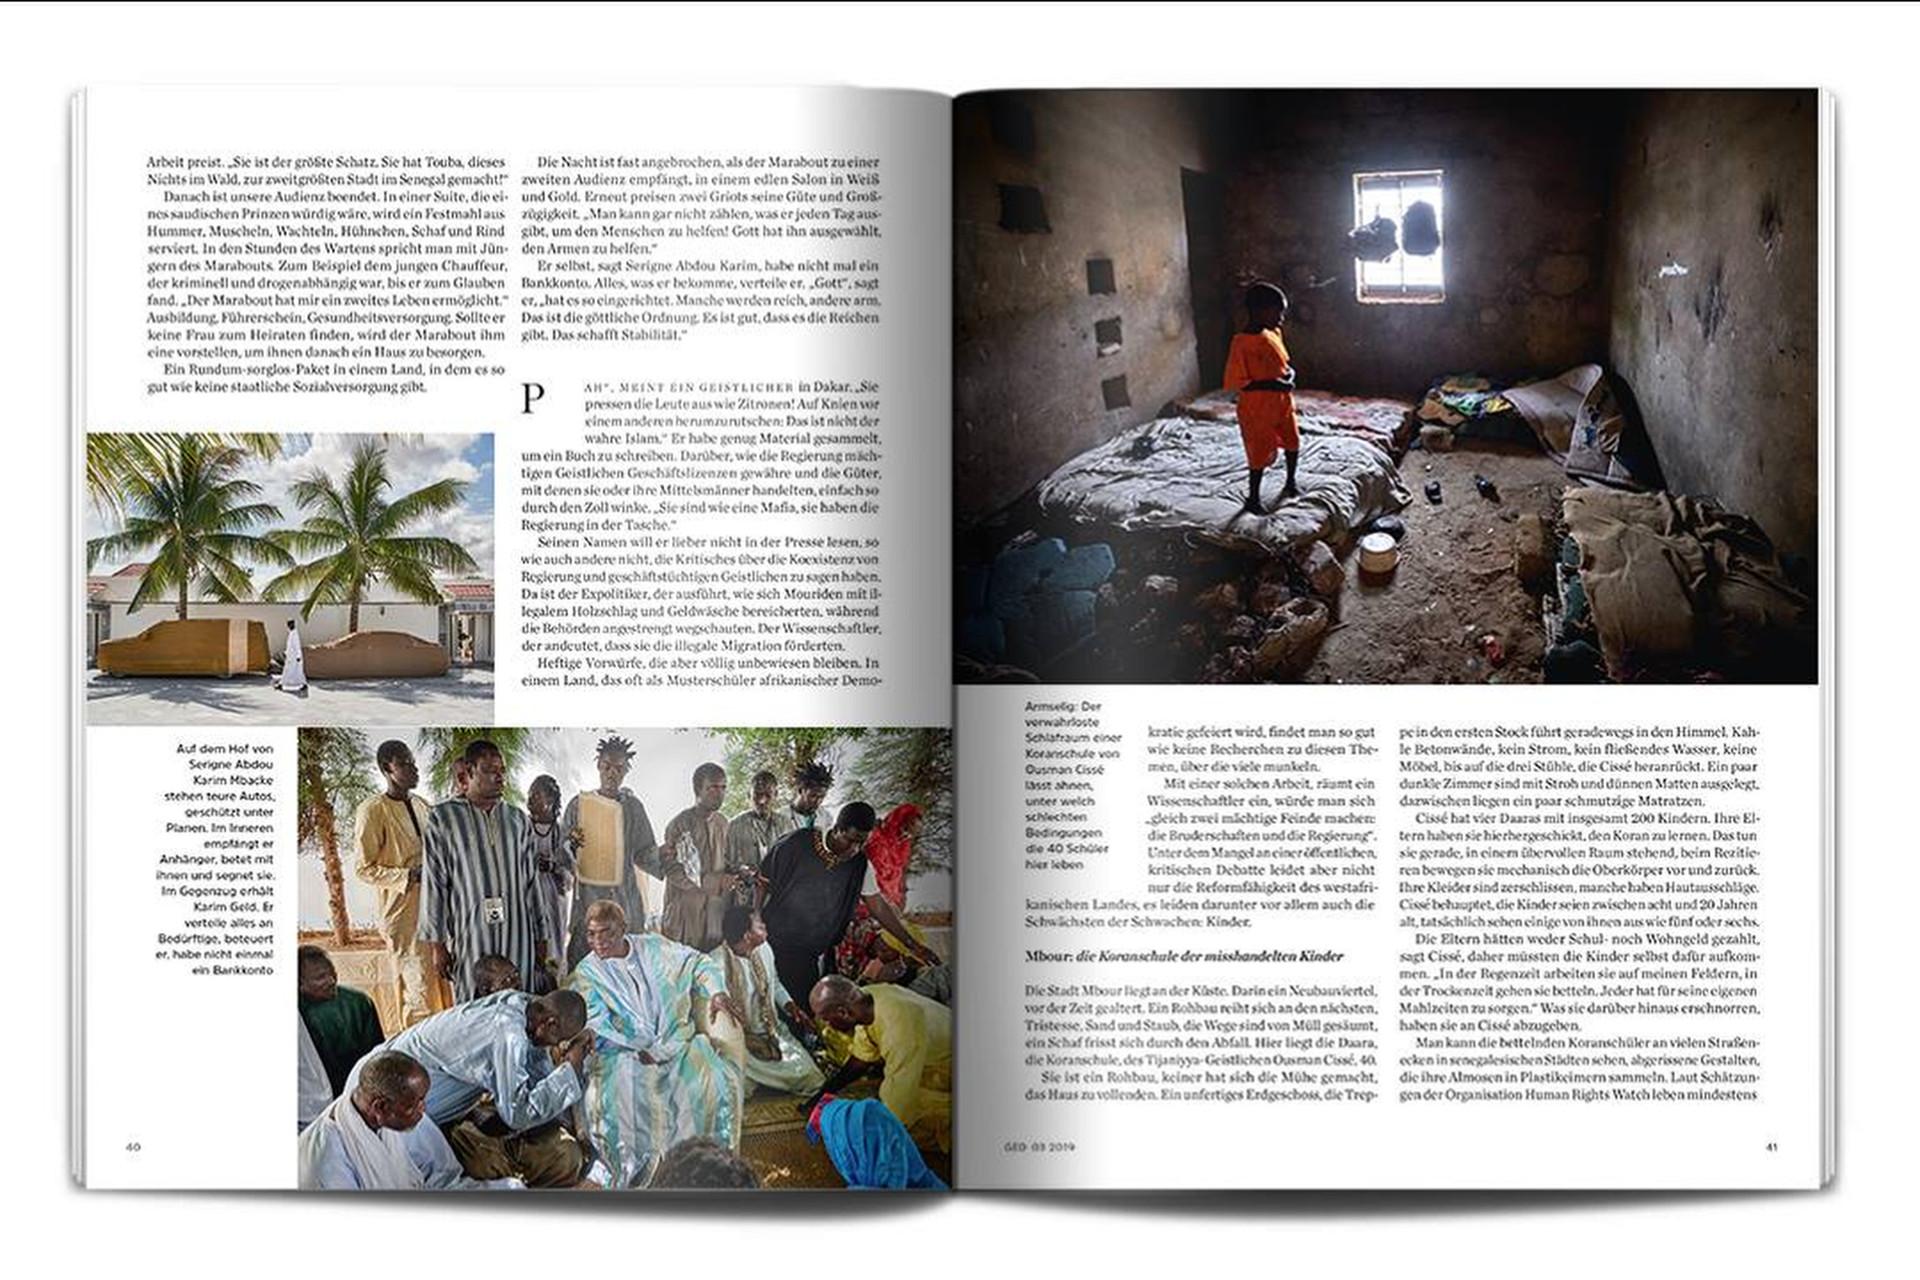 010_Sufism_Senegal.JPG